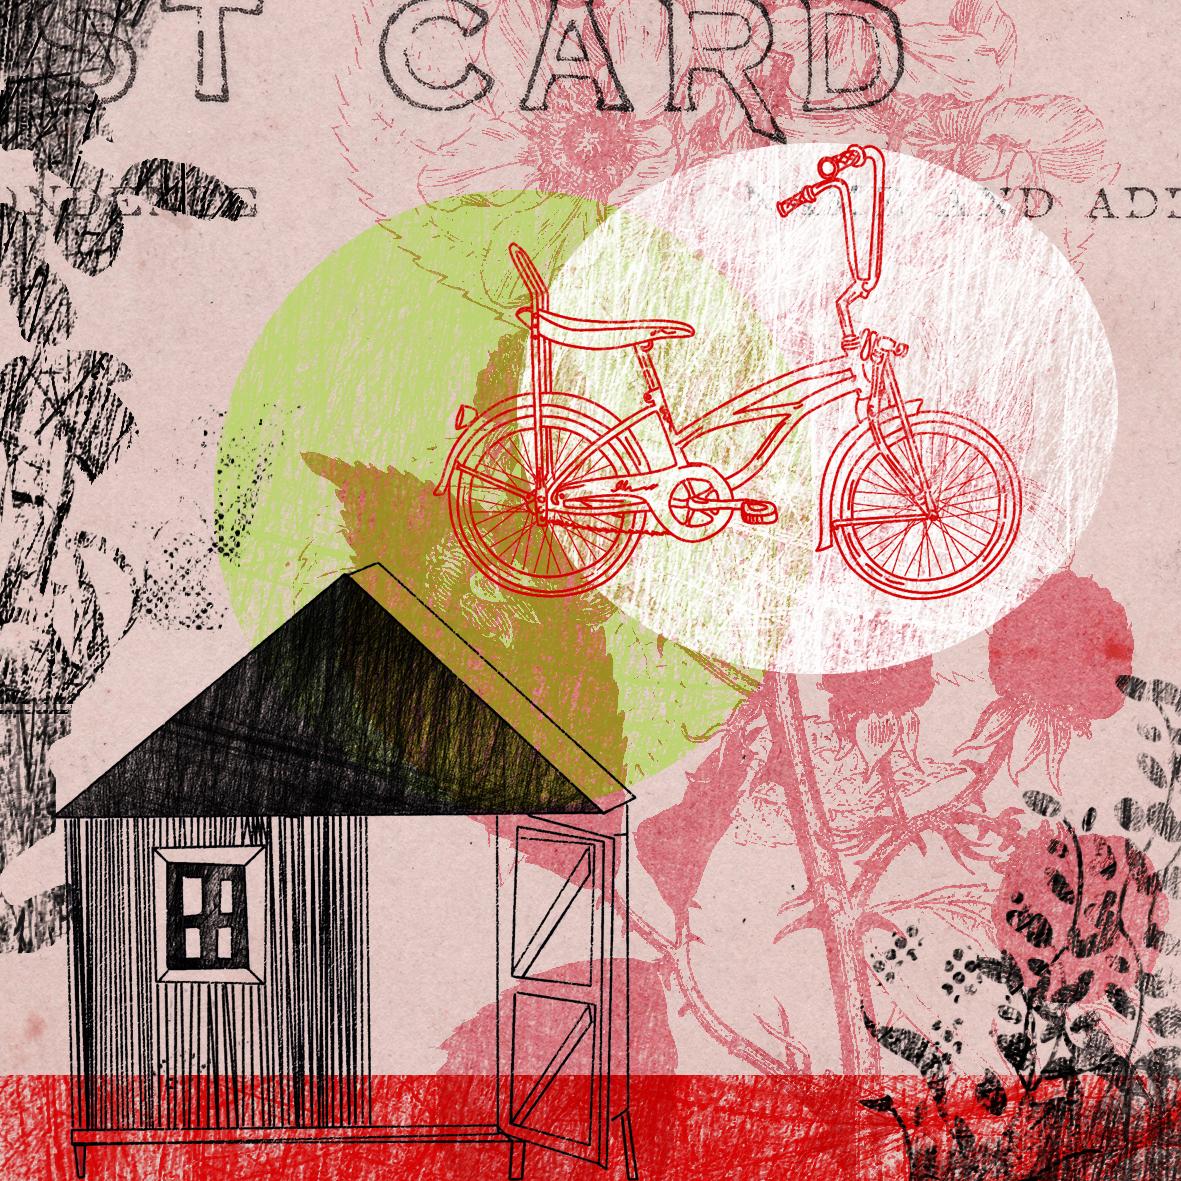 Fahrrad+Haus10x10